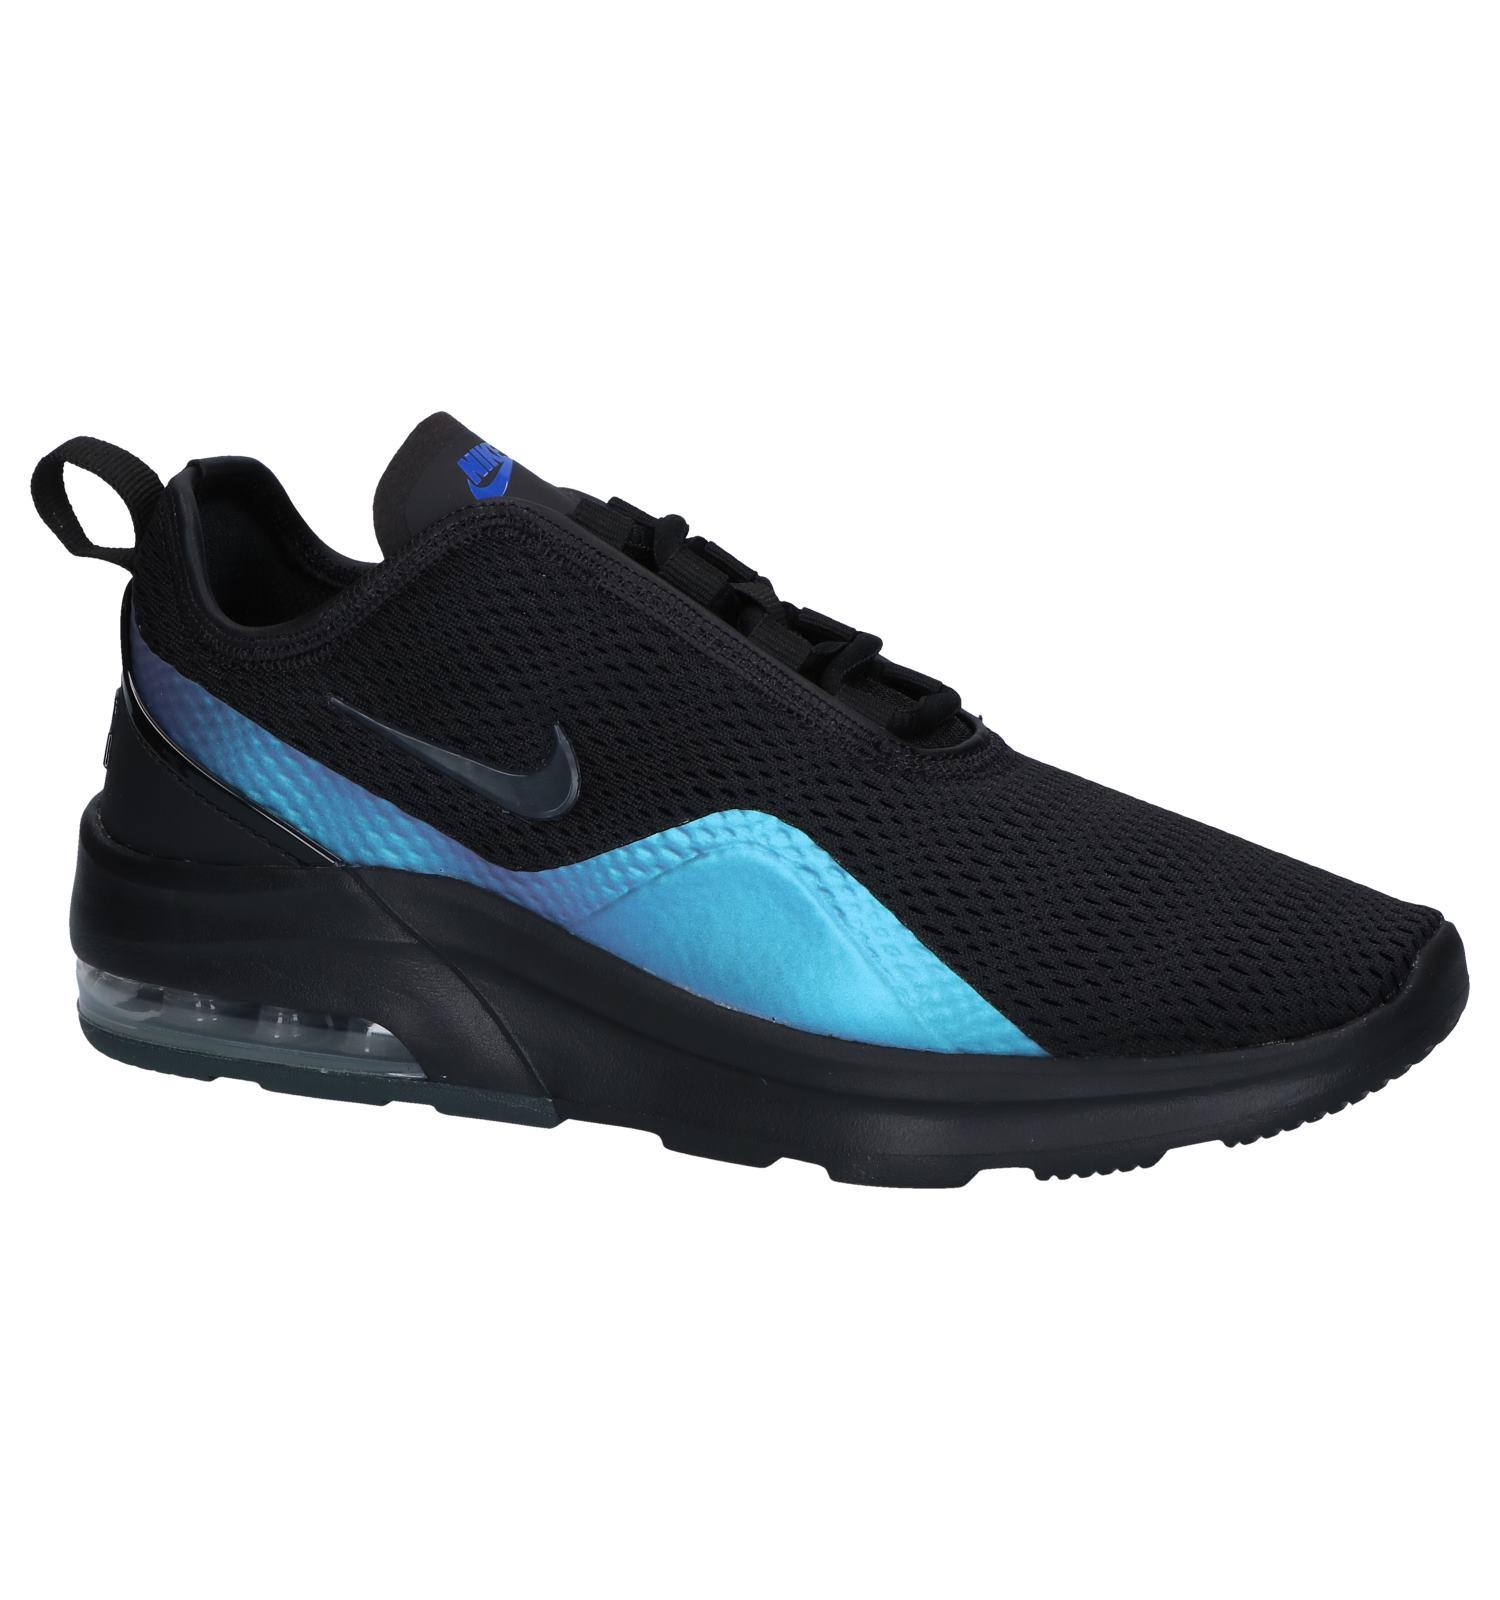 Zwarte Sneakers Nike Air Max Motion 2 | SCHOENENTORFS.NL | Gratis verzend en retour